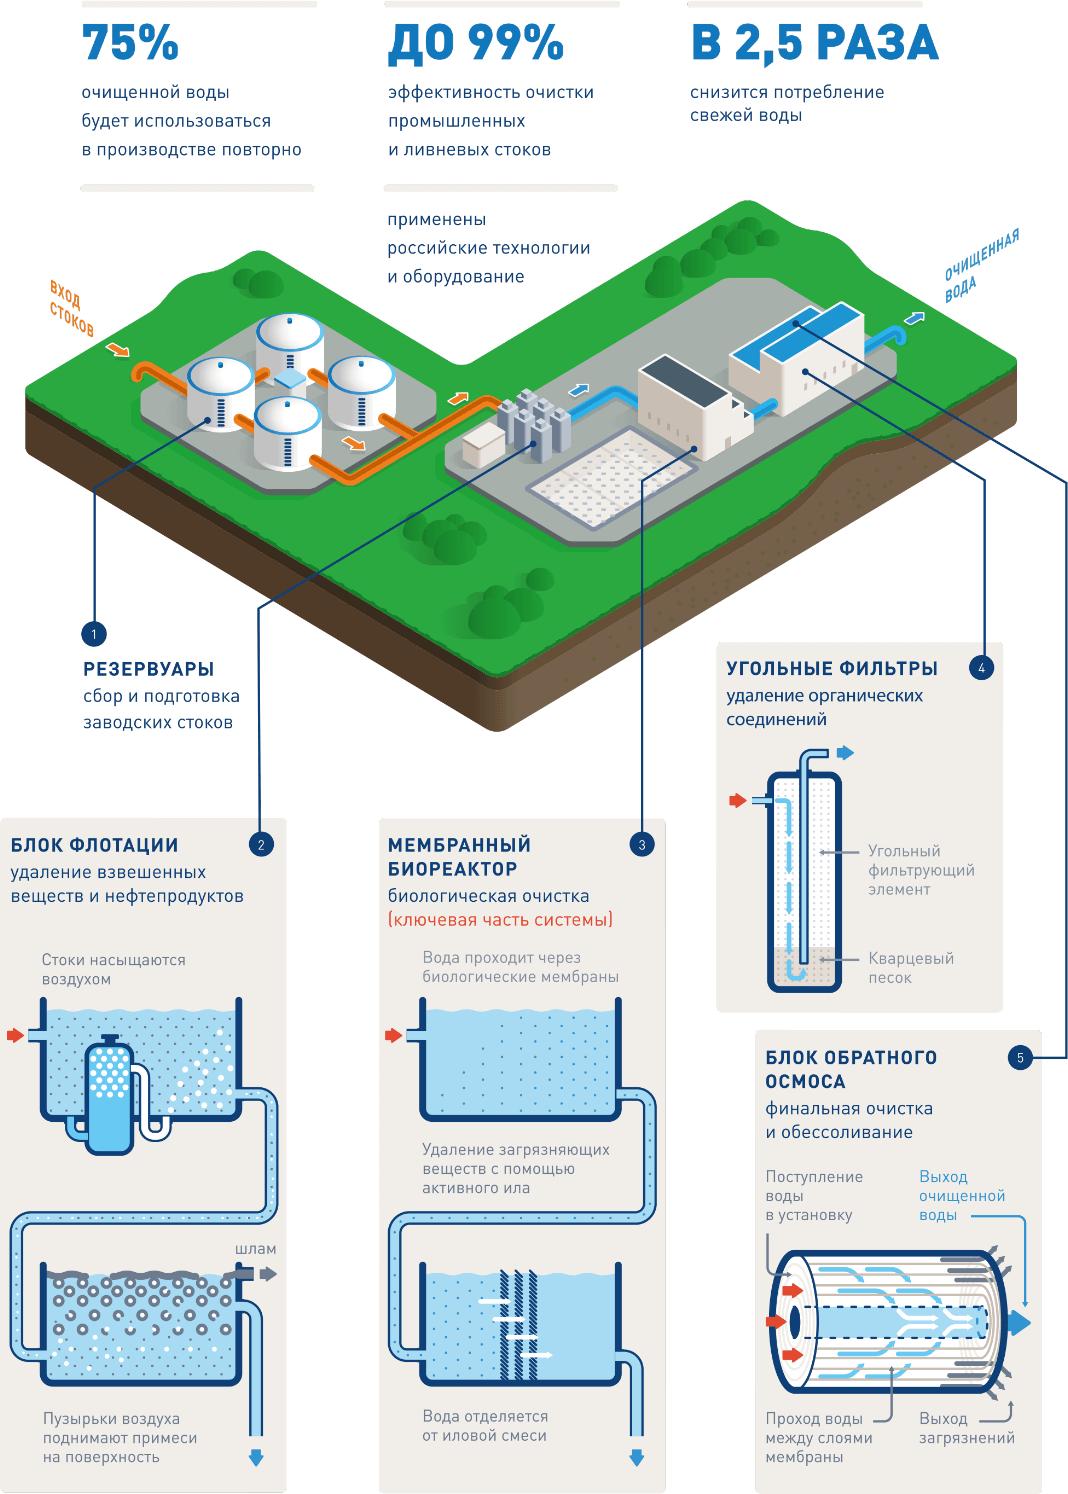 solutionsss 1 2 Очистные сооружения для консервного завода